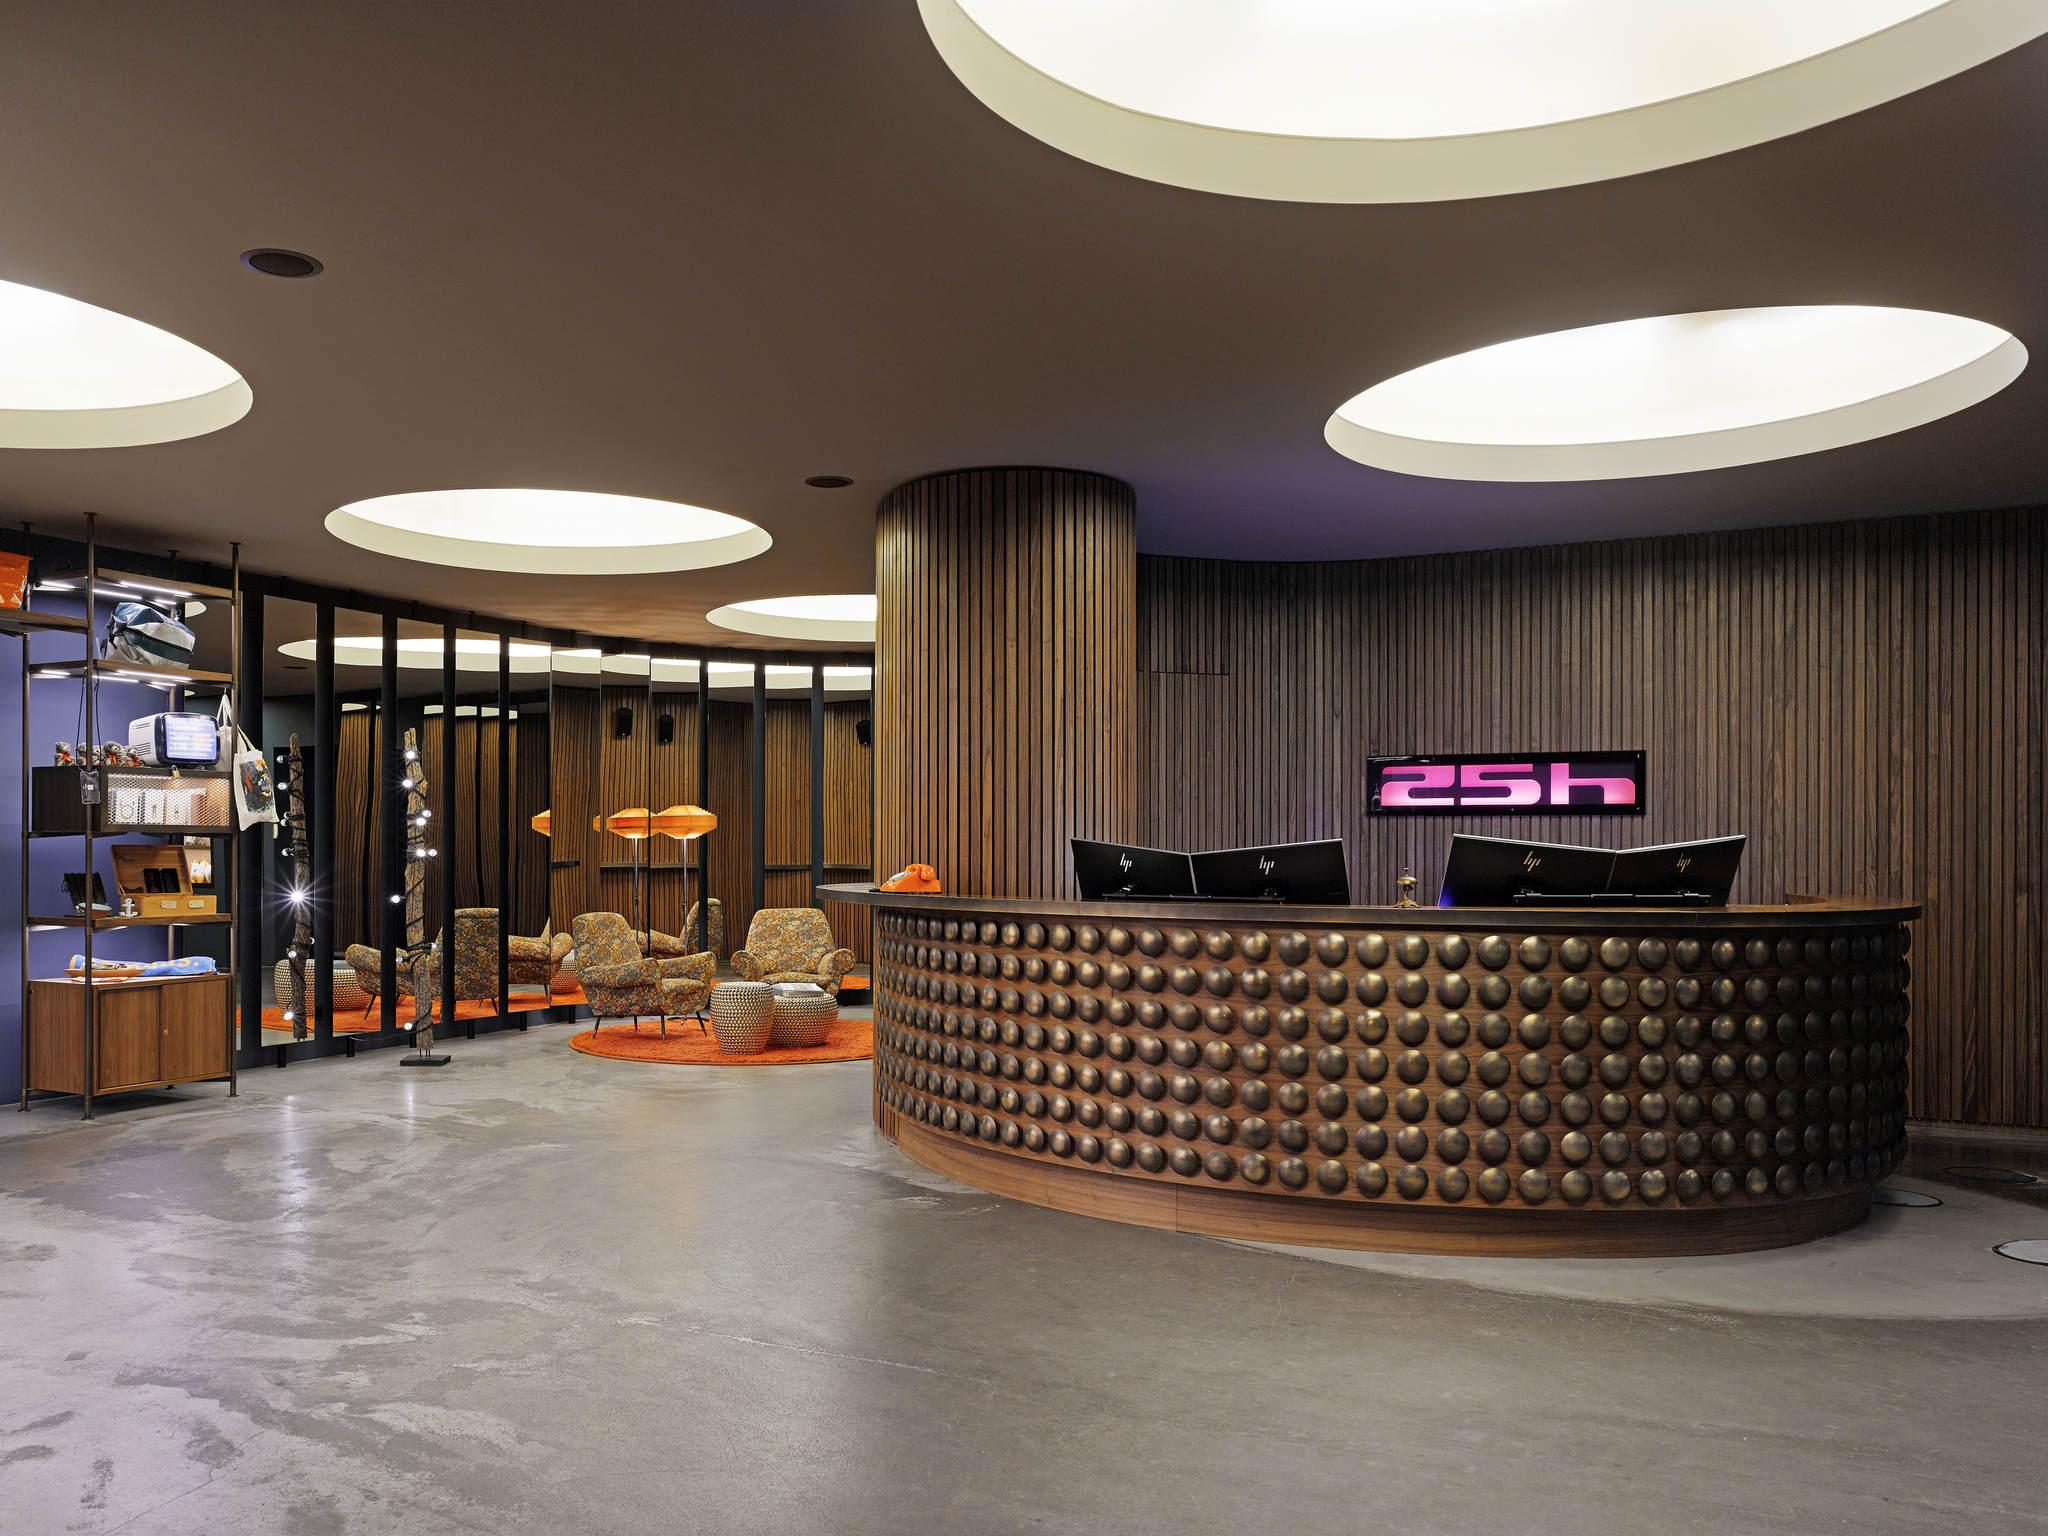 ホテル – 25 アワーズ ホテル ハンブルク ナンバー ワン